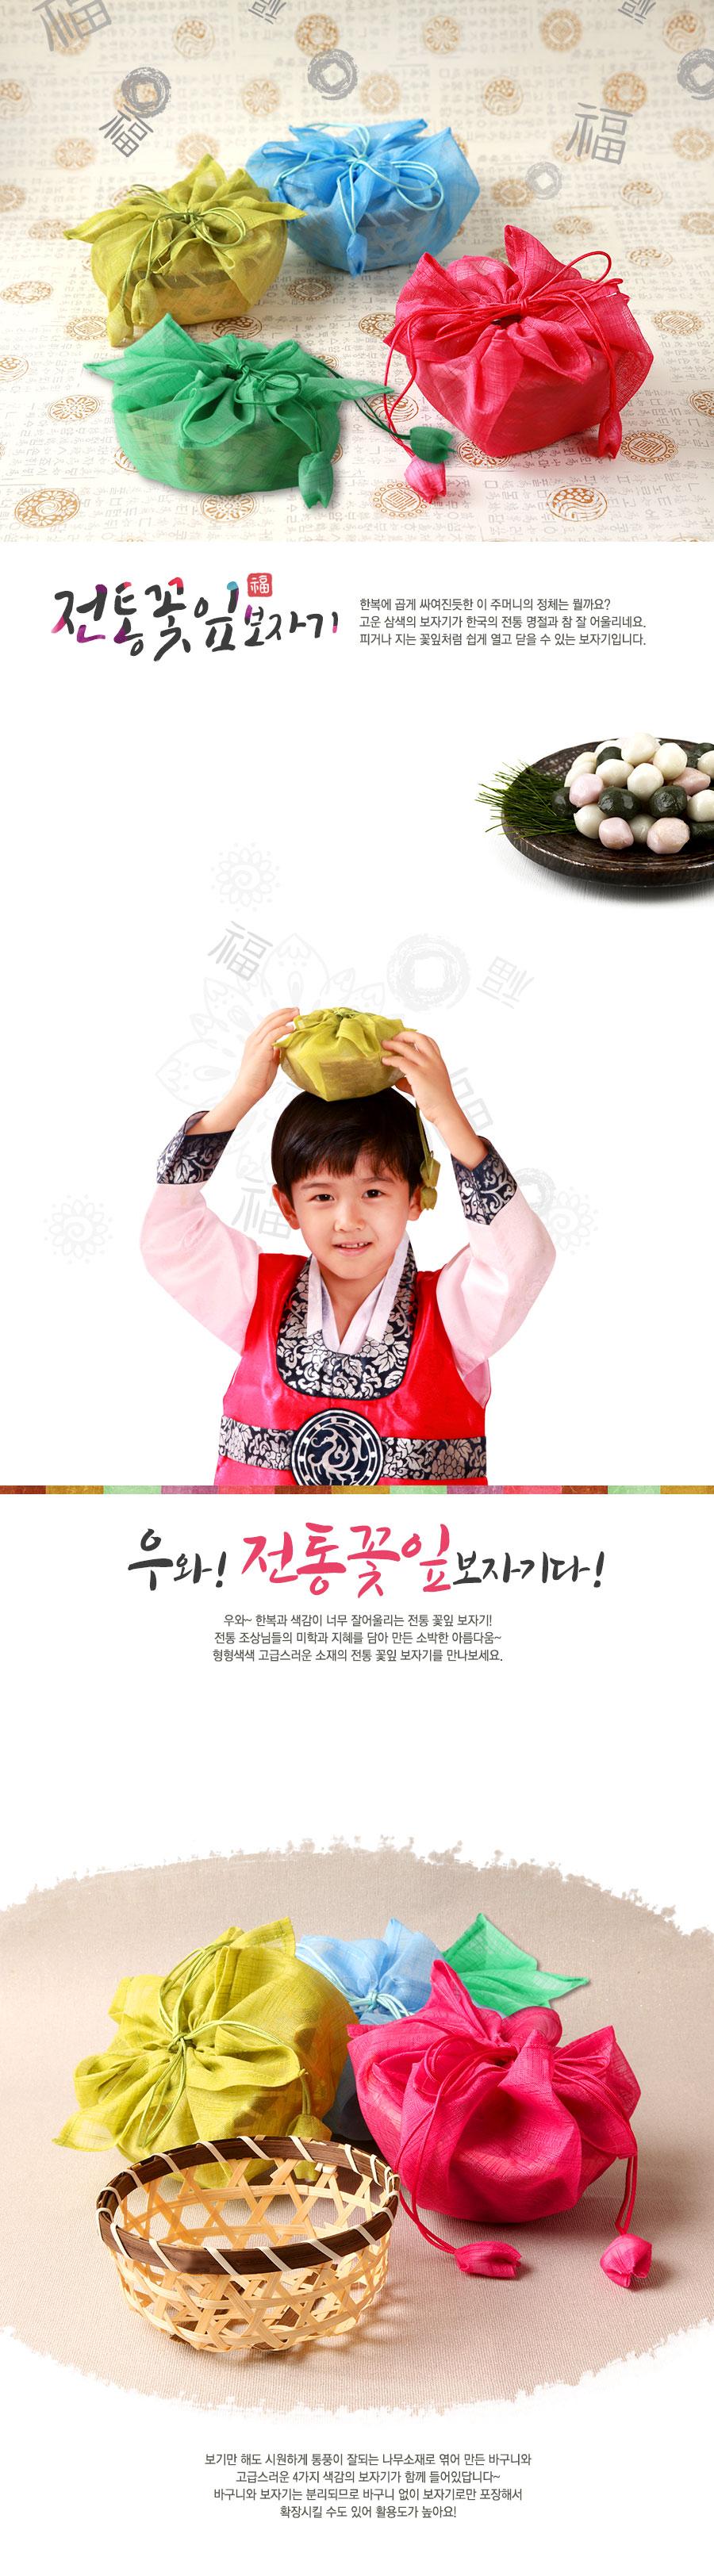 전통 꽃잎 보자기(3종)송편바구니 - 아트랄라, 1,800원, 전통/염색공예, 장신구/매듭 패키지